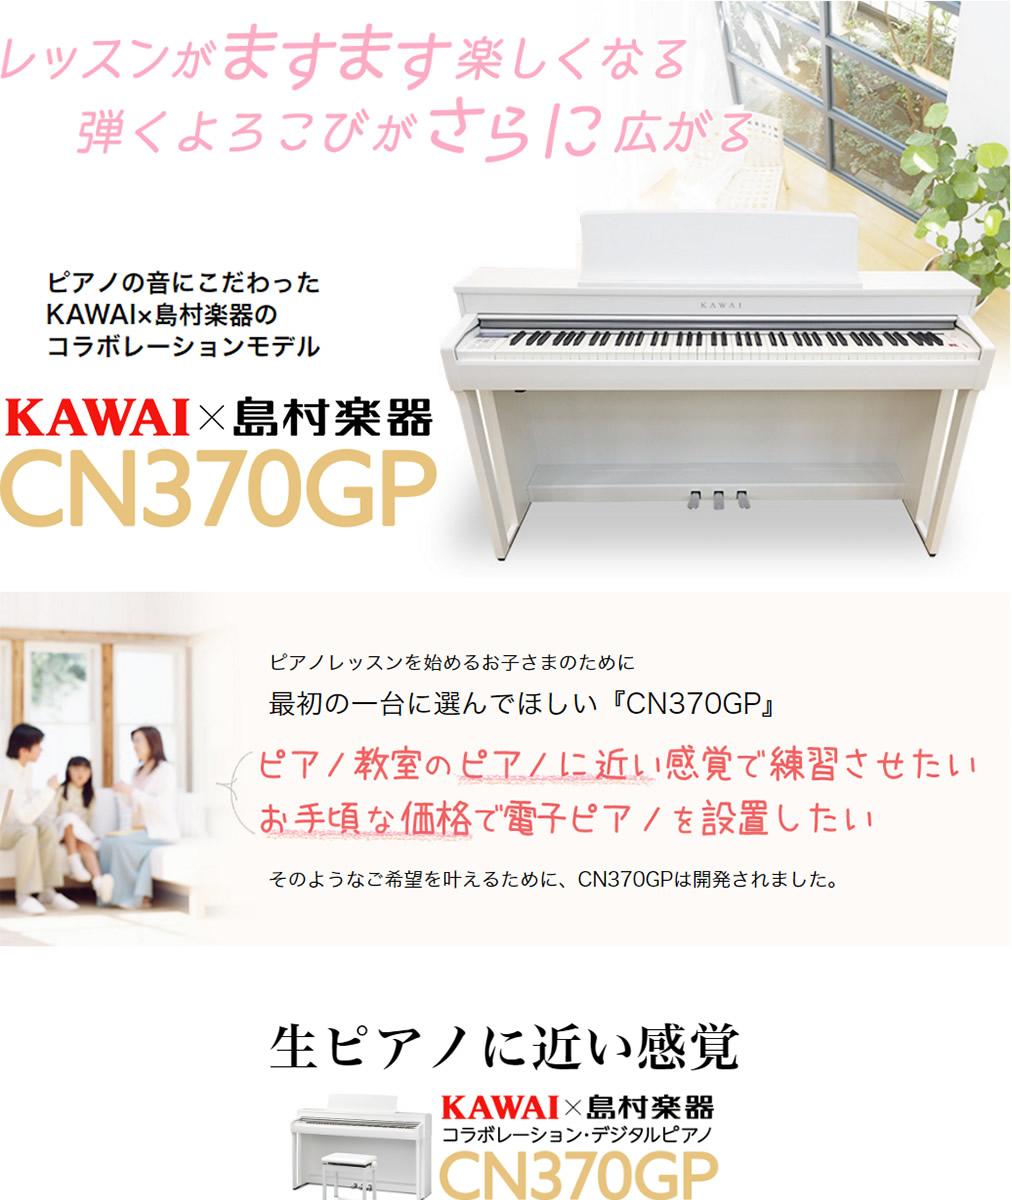 ピアノの音にこだわったKAWAI×島村楽器のコラボレーションモデルCN370GP